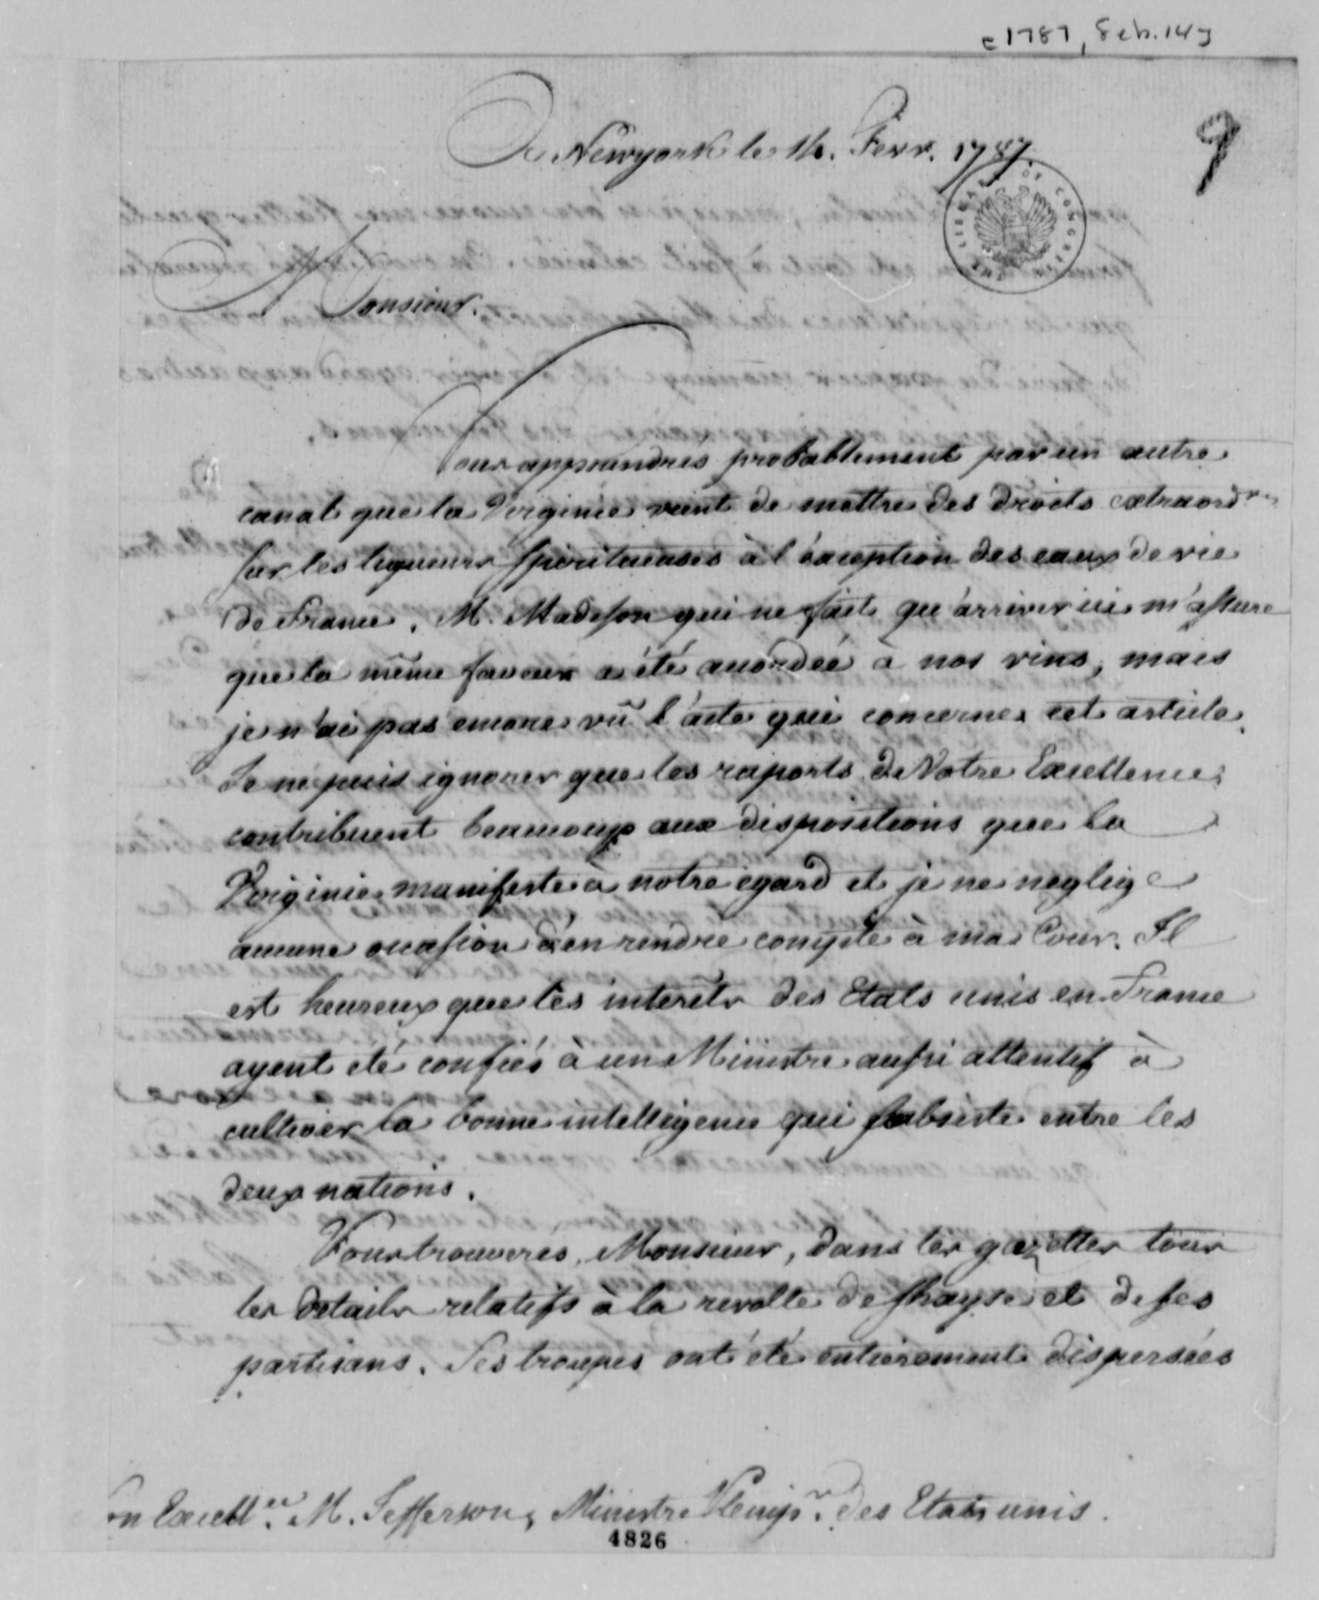 Thomas Jefferson to Louis Guillaume Otto, February 14, 1787